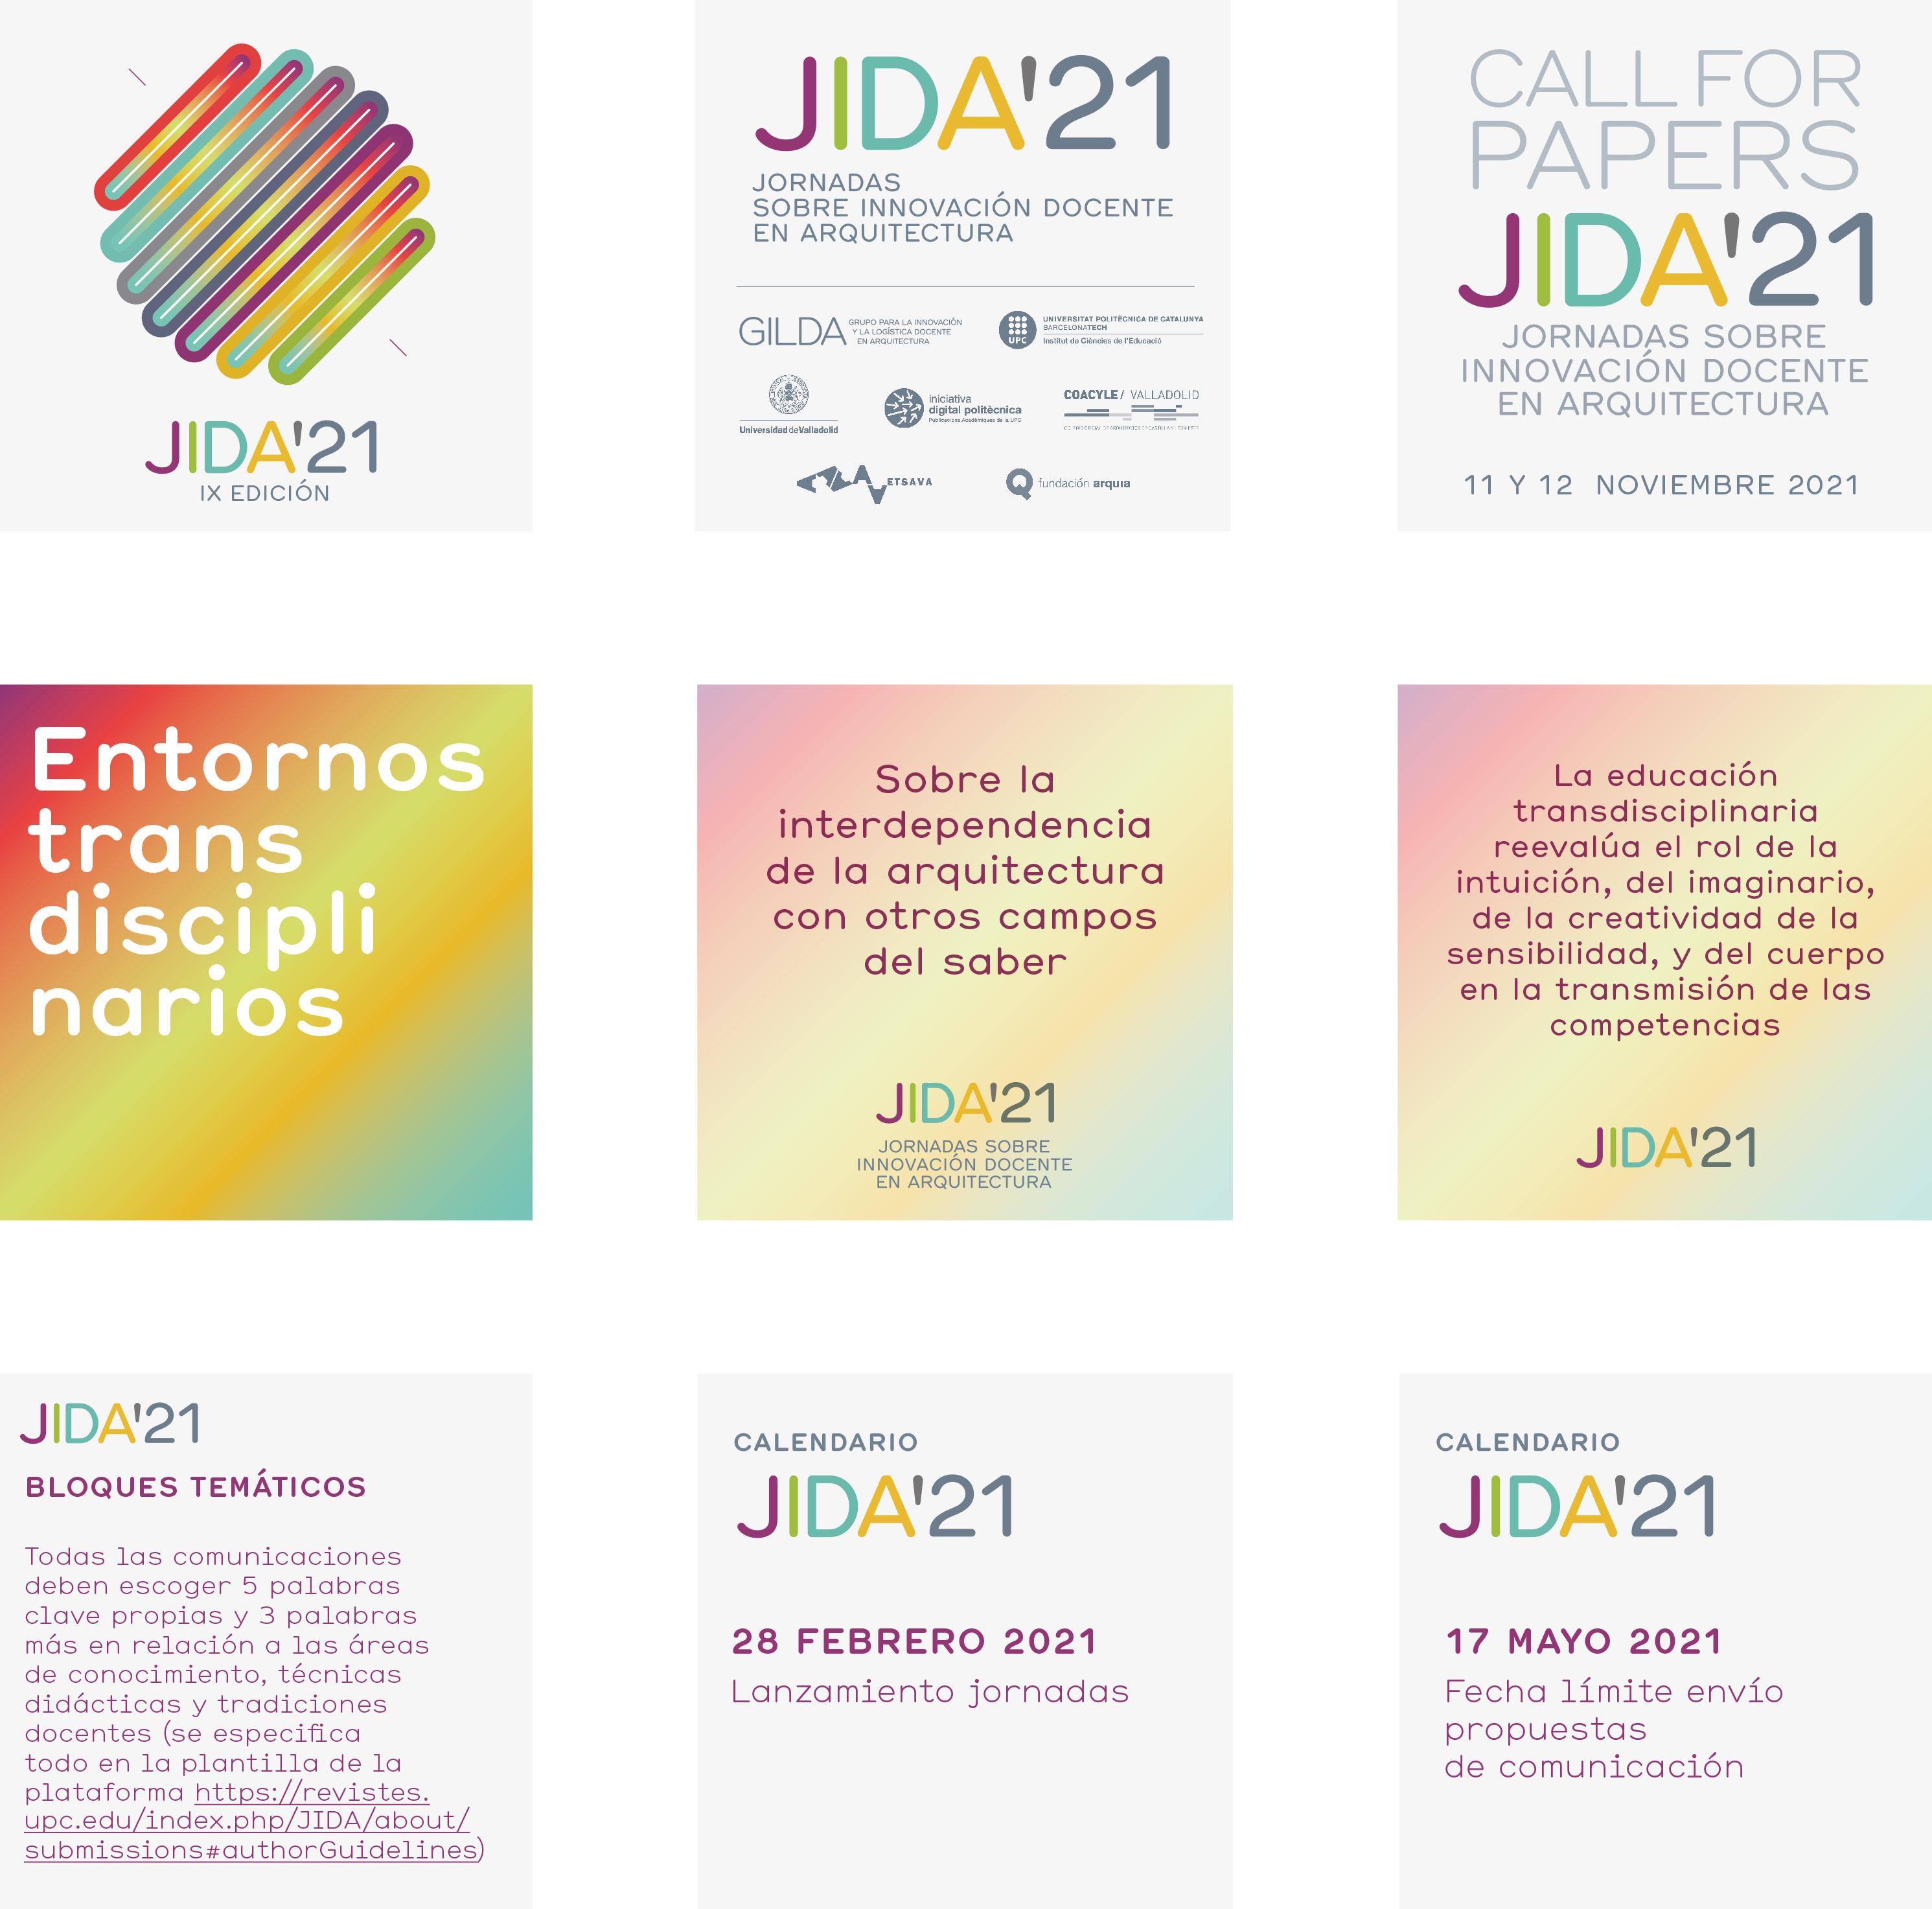 Jida2